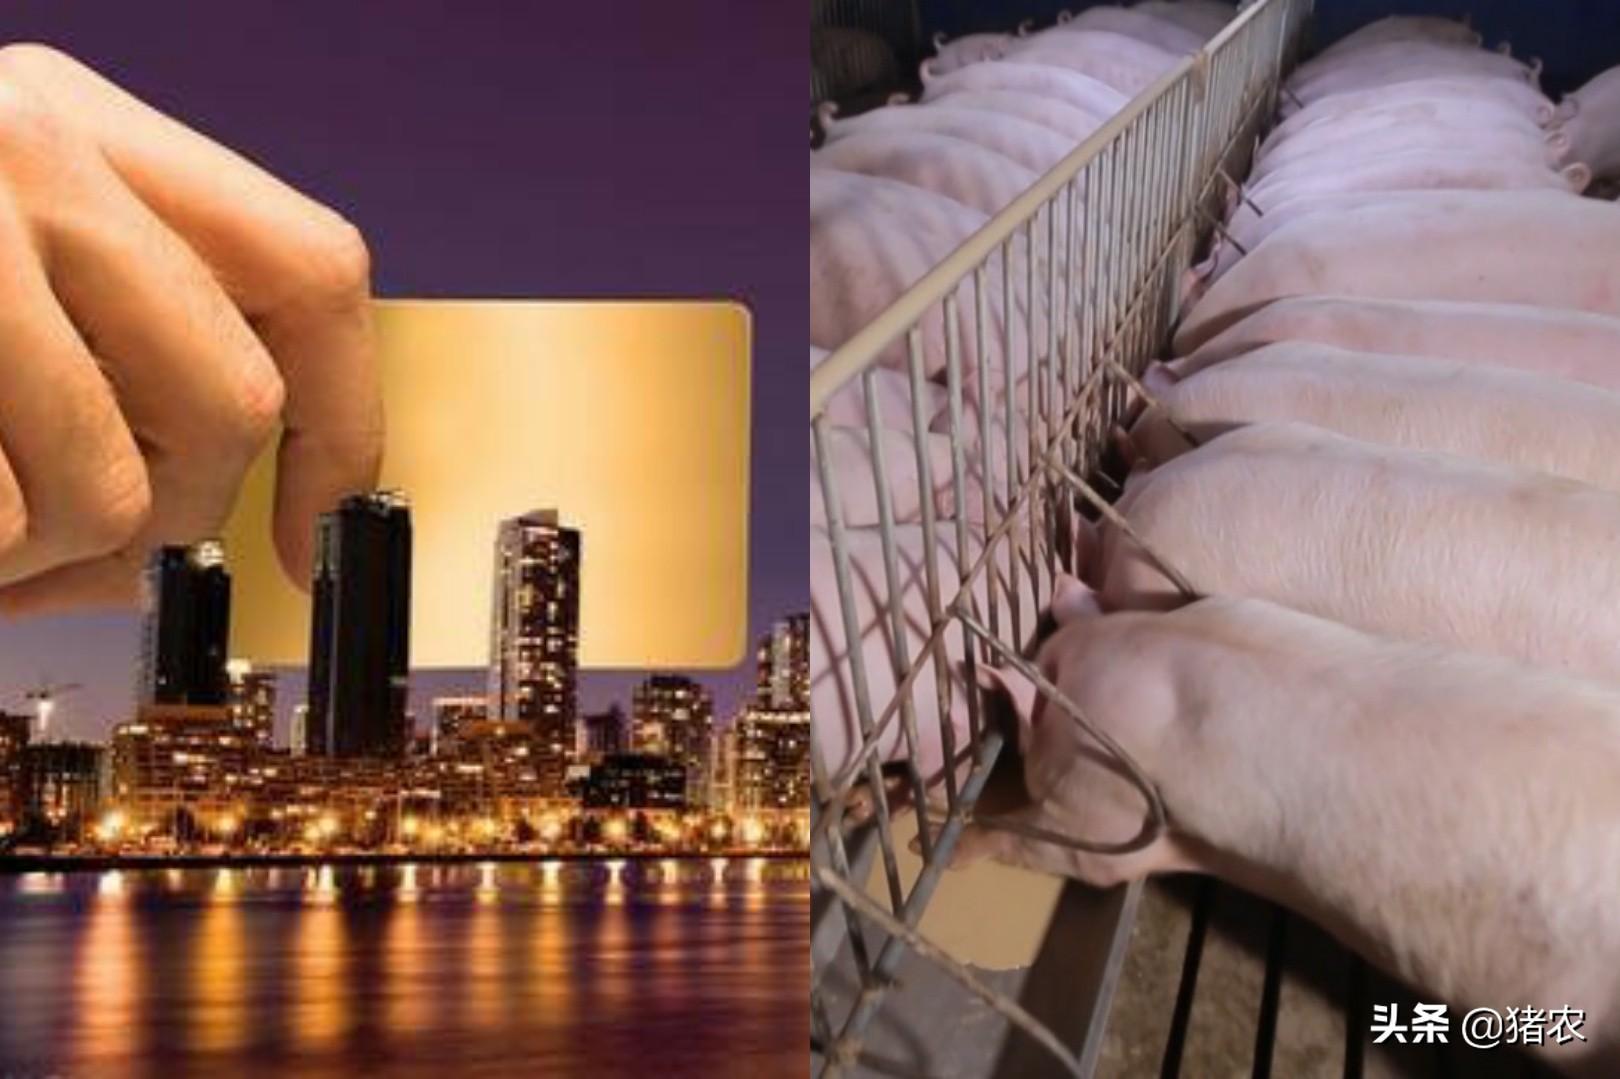 超1000家房企转行养猪,卖猪比卖房挣钱?